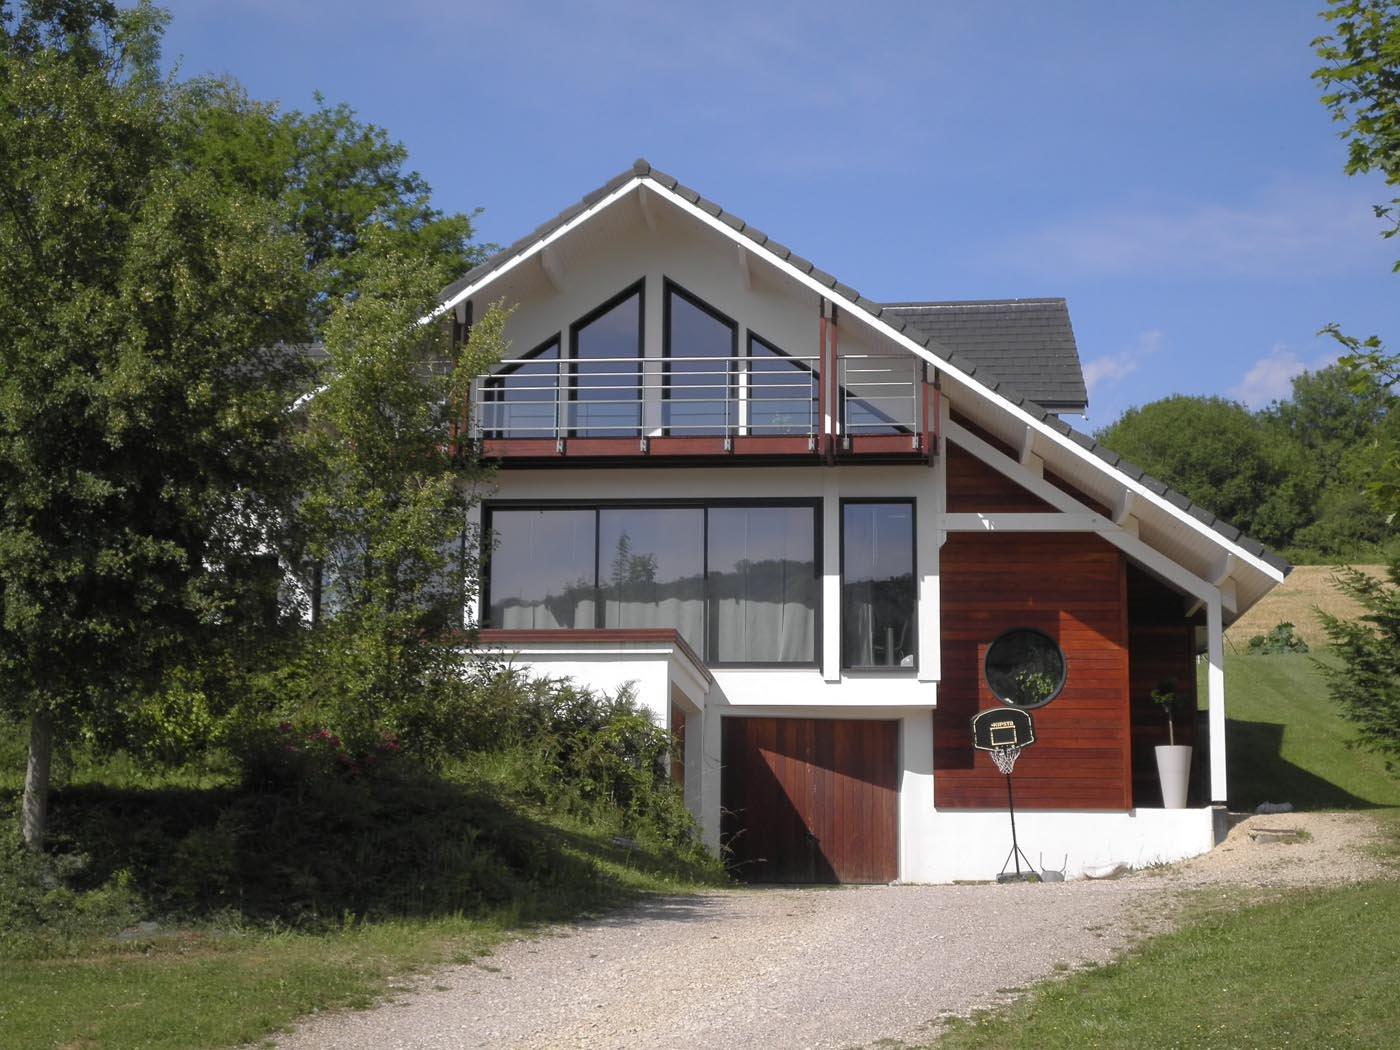 Célèbre Maison bois contemporaine, bardage bois - Maison bois contemporaine, GT86